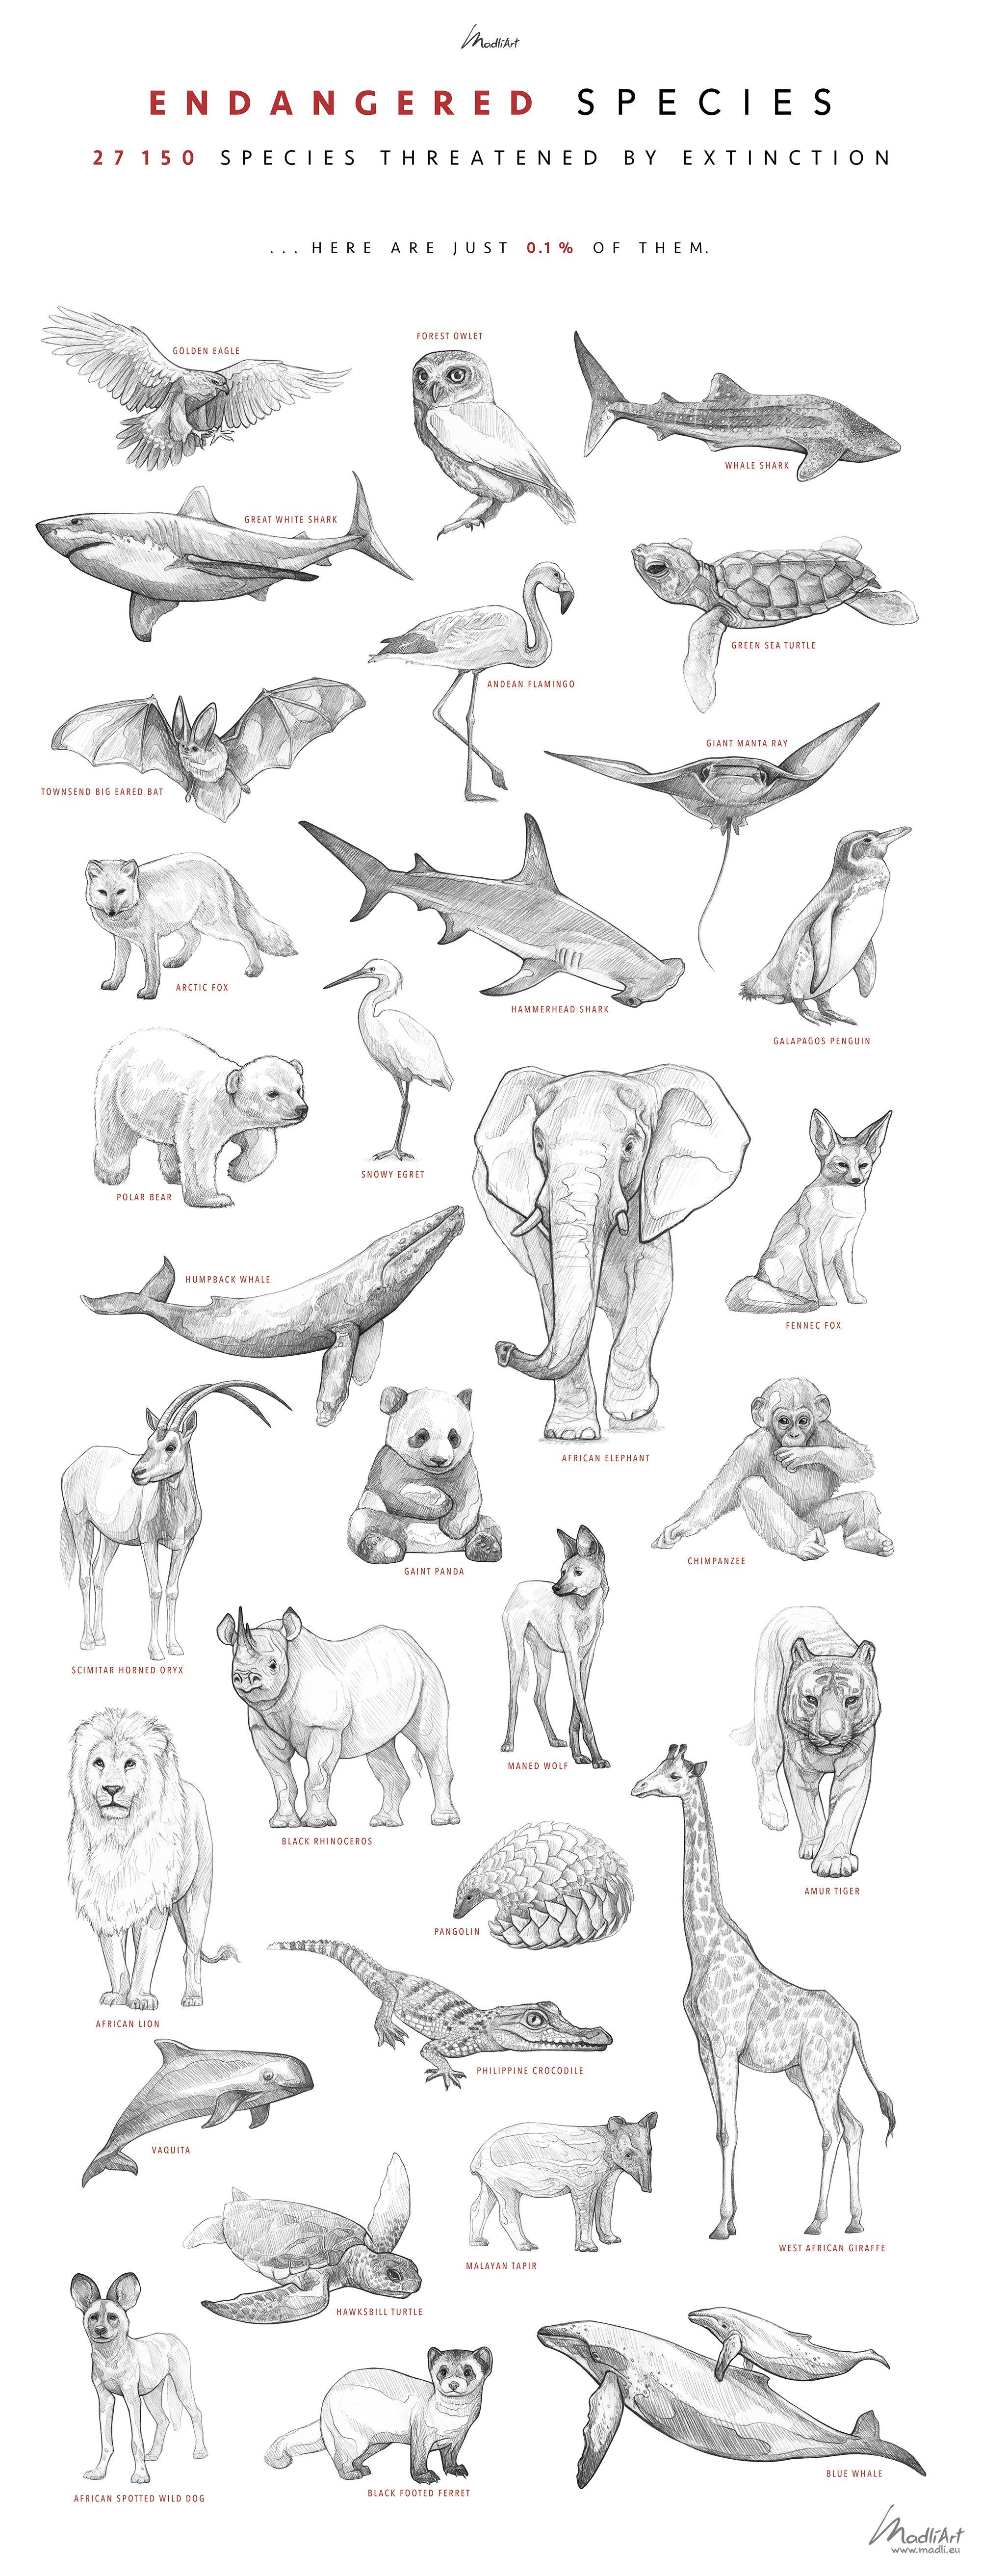 Endangered Animals Drawing : endangered, animals, drawing, Endangered, Species, Whale, Drawing,, Animal, Drawings